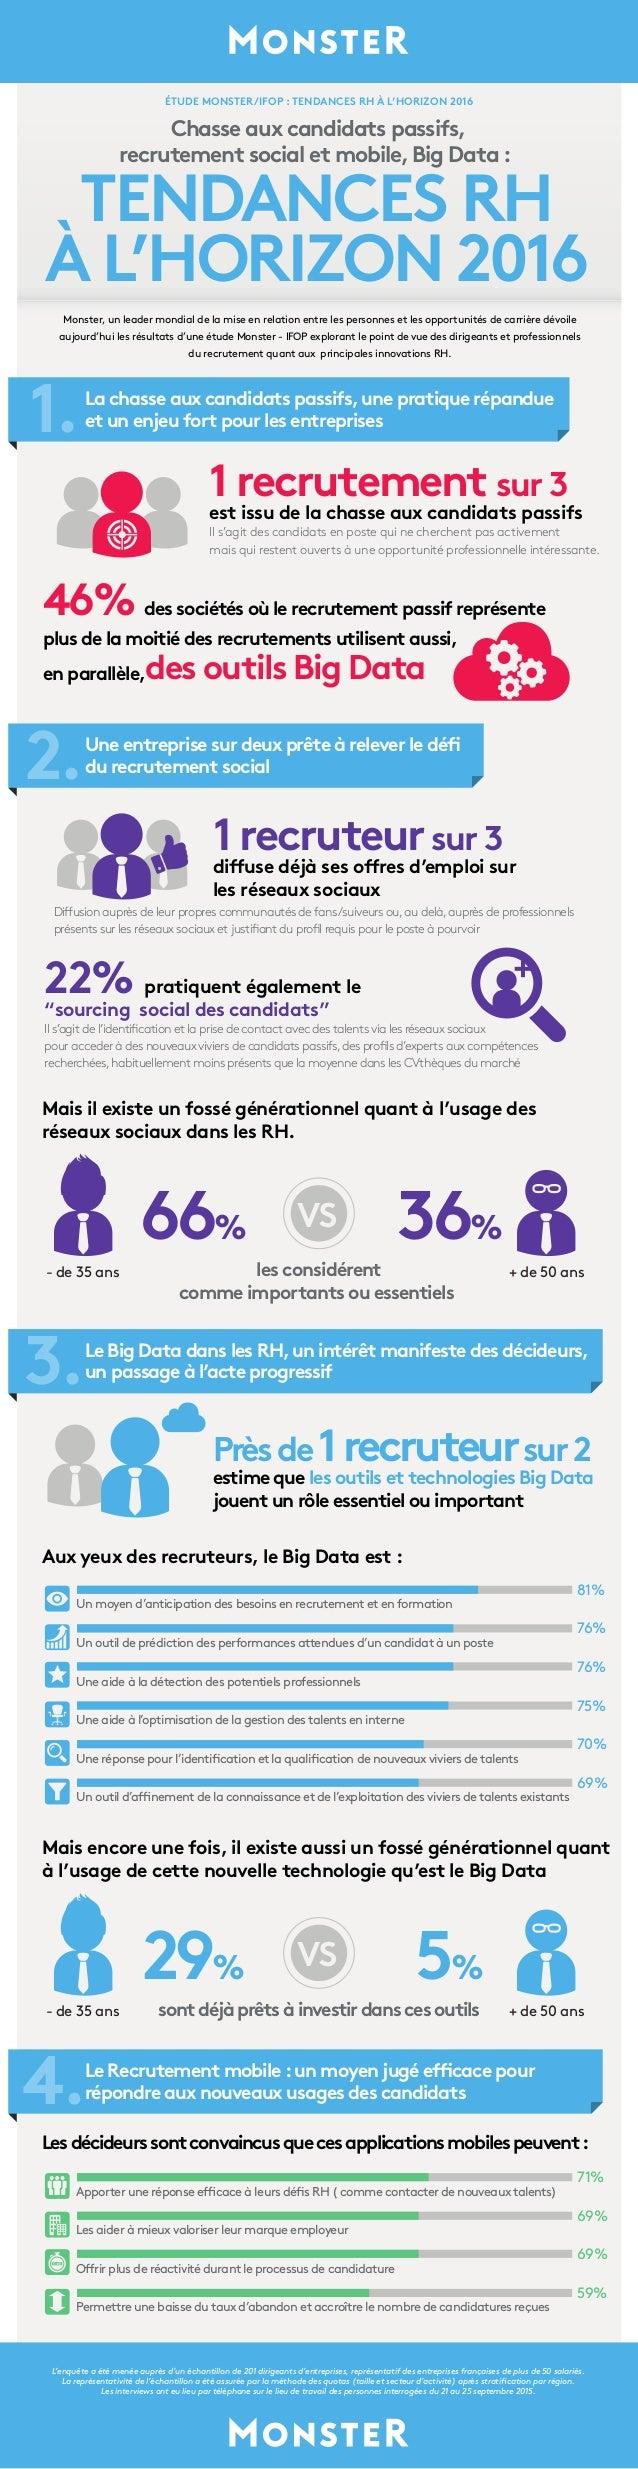 Chasse aux candidats passifs, recrutement social et mobile,Big Data : TENDANCES RH À L'HORIZON 2016 ÉTUDE MONSTER/IFOP : T...